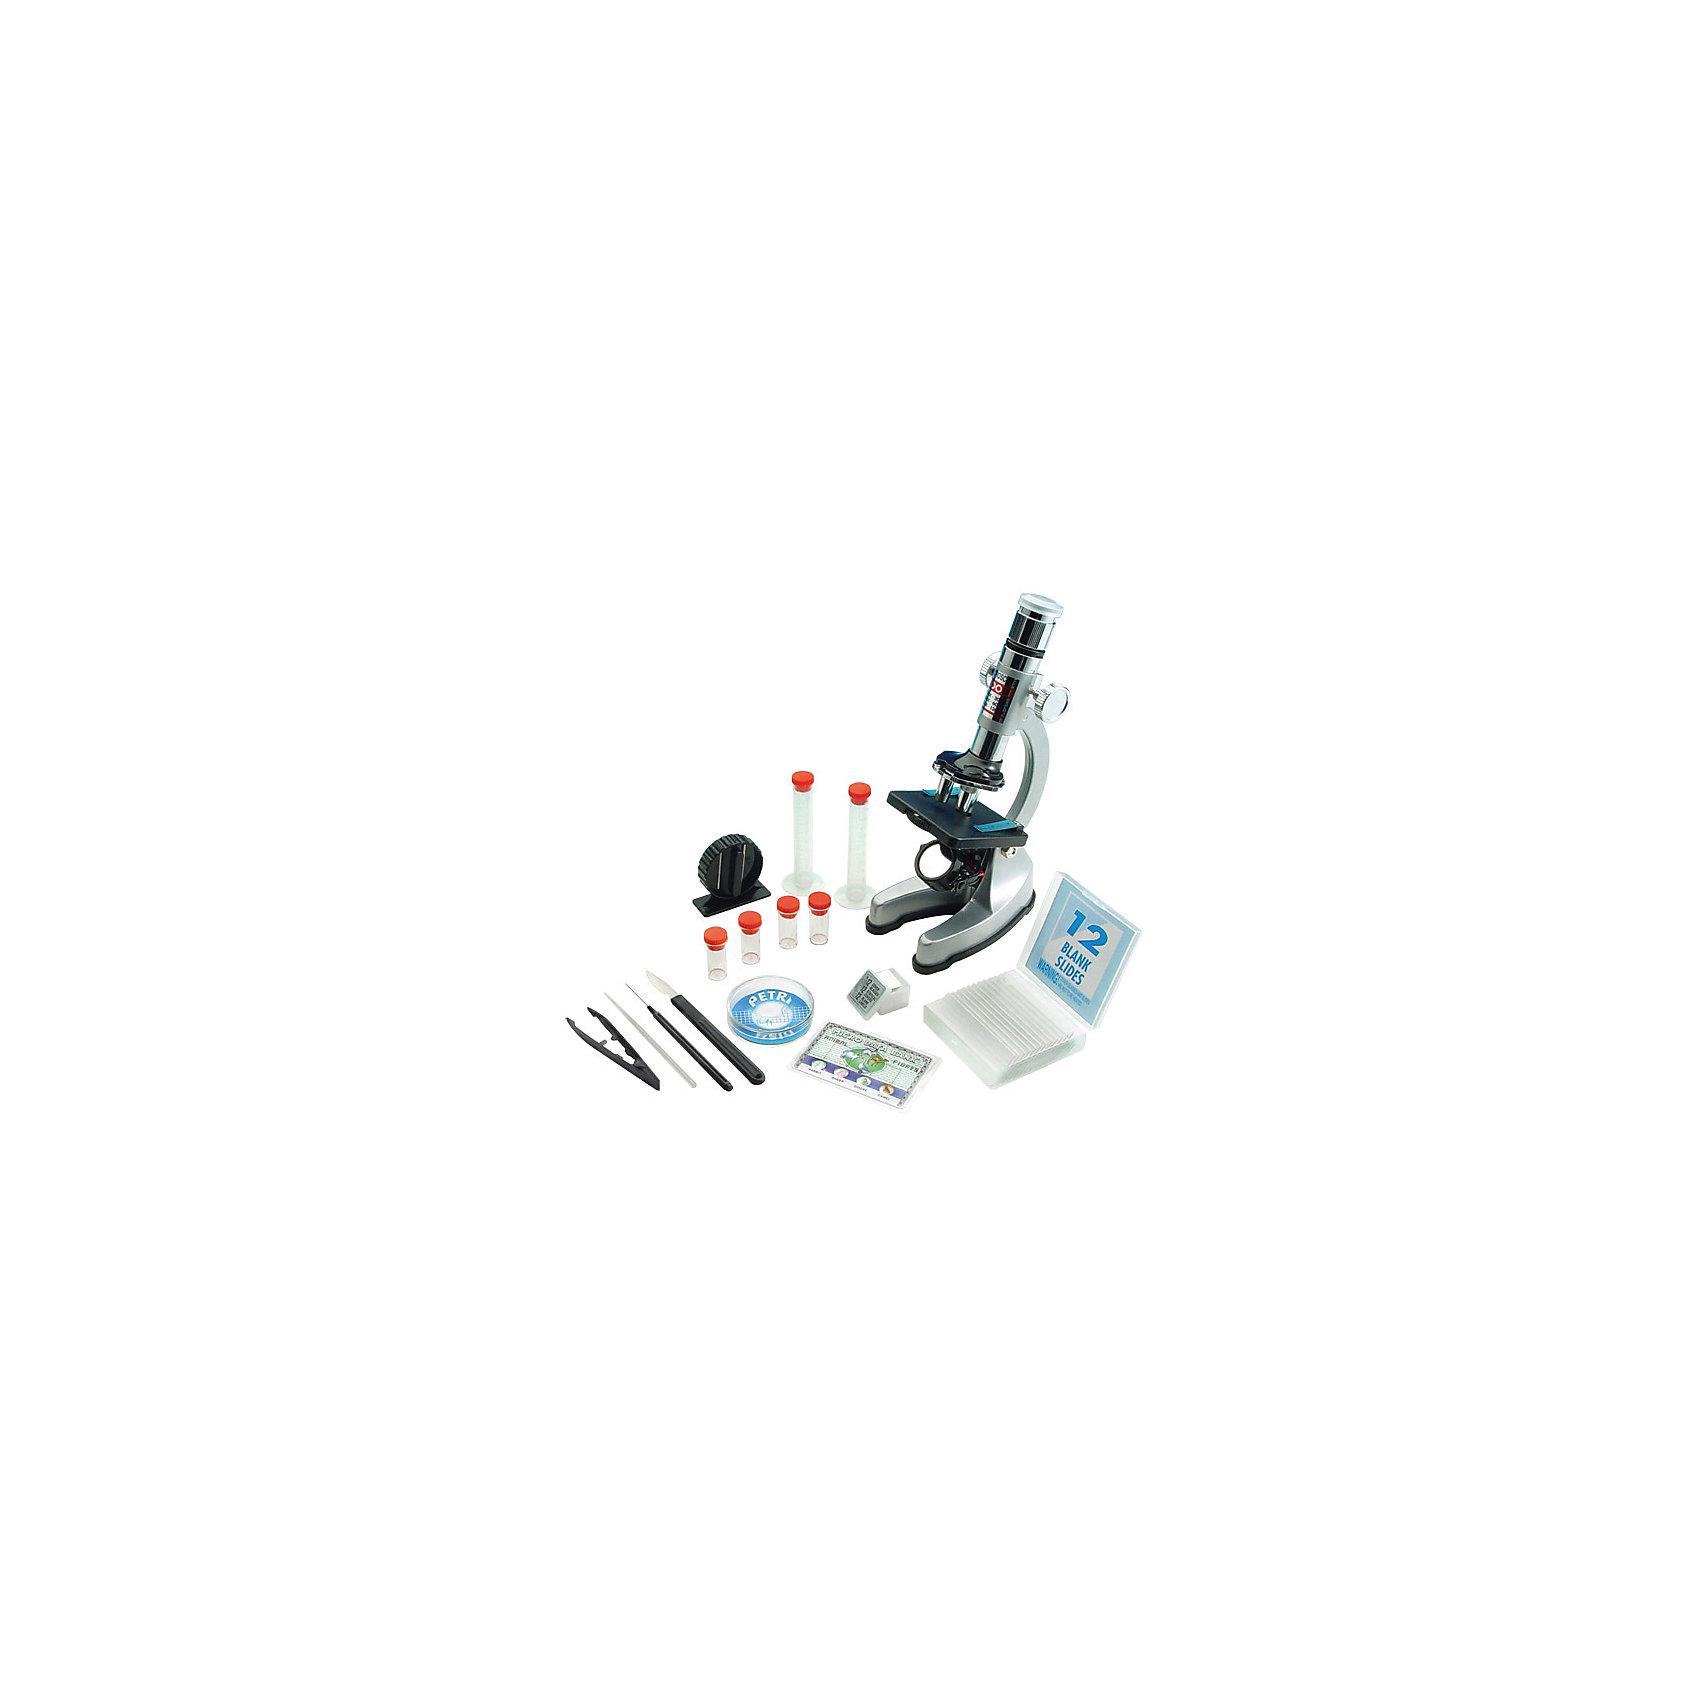 Микроскоп, Edu-ToysМикроскоп, Edu-Toys - компактный детский микроскоп, который замечательно подойдет для первого знакомства Вашего ребенка с микромиром. Микроскоп оснащен револьверной головкой с тремя объективами, которые обеспечивают плавную смену увеличений от 100 до 1200 крат. Специальное колесико фокусировки поможет наладить нужную резкость, а с помощью зеркала-отражателя Вы сможете настроить необходимое освещение для изучения препарата. Если яркости недостаточно, можно воспользоваться встроенной подсветкой, расположенной у основания прибора.<br><br>Прибор оснащен специальным предметным столиком с лапками-держателями для микропрепаратов. Устойчивое основание микроскопа гарантирует сохранность препарата во время работы. Микроскоп также выполняет функцию проектора: направив его на белую гладкую поверхность в темной комнате, можно просматривать слайды с микропрепаратами в увеличенном виде. В комплект также входит набор аксессуаров, с помощью которых можно самостоятельно готовить микропрепараты и проводить увлекательные опыты и наблюдения. Занятия с микроскопом способствуют формированию у ребенка научного подхода, расширяют кругозор, развивают любознательность и внимательность.<br><br>Дополнительная информация:<br><br>- В комплекте: микроскоп MS907, набор готовых микропрепаратов, мини-нож для изготовления препаратов, 12 предметных стекол, 12 покровных стекол, 12 этикеток для препаратов,<br>  чашка Петри, 2 мерные пробирки (10 мл.), 4 флакона для образцов, пинцет, игла, скальпель, стеклянная палочка для перемешивания, запасная лампочка, инструкция. <br>- Материал: пластик, алюминий.<br>- Для подсветки требуются батарейки: 2 х АА (не входят в комплект).<br>- Высота микроскопа: 23 см.<br>- Размер упаковки: 39 x 35 x 10 см.<br>- Вес: 2,11 кг.<br><br>Микроскоп, Edu-Toys, можно купить в нашем интернет-магазине.<br><br>Ширина мм: 385<br>Глубина мм: 90<br>Высота мм: 340<br>Вес г: 2110<br>Возраст от месяцев: 96<br>Возраст до месяцев: 144<br>Пол: Унисекс<br>Возраст: Детский<b